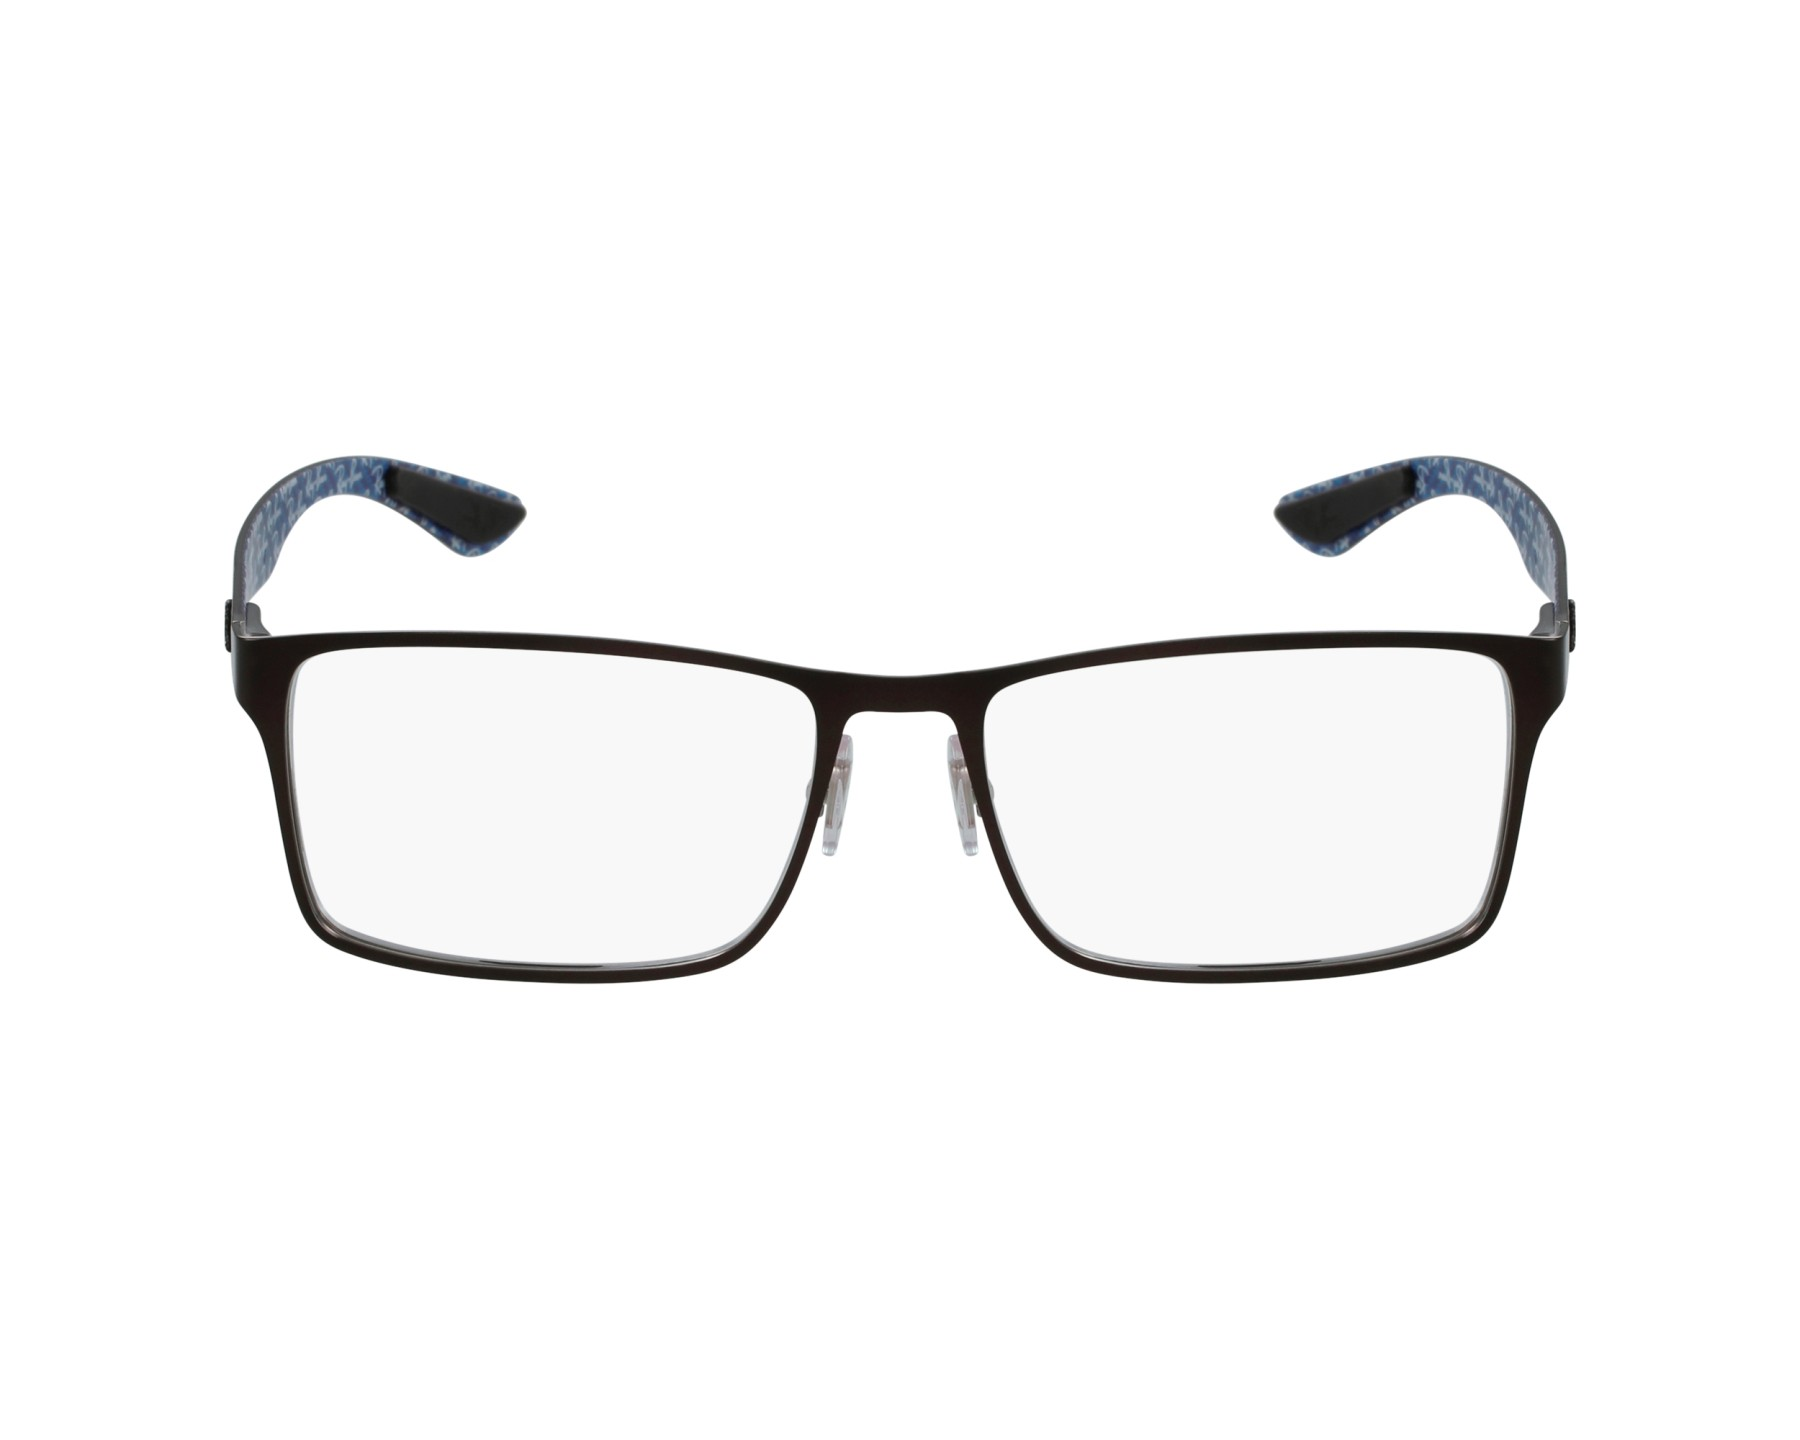 3fc6736c7e Gafas Graduadas Ray-Ban RX-8415 2862 53-17 Marrón Negra vista de